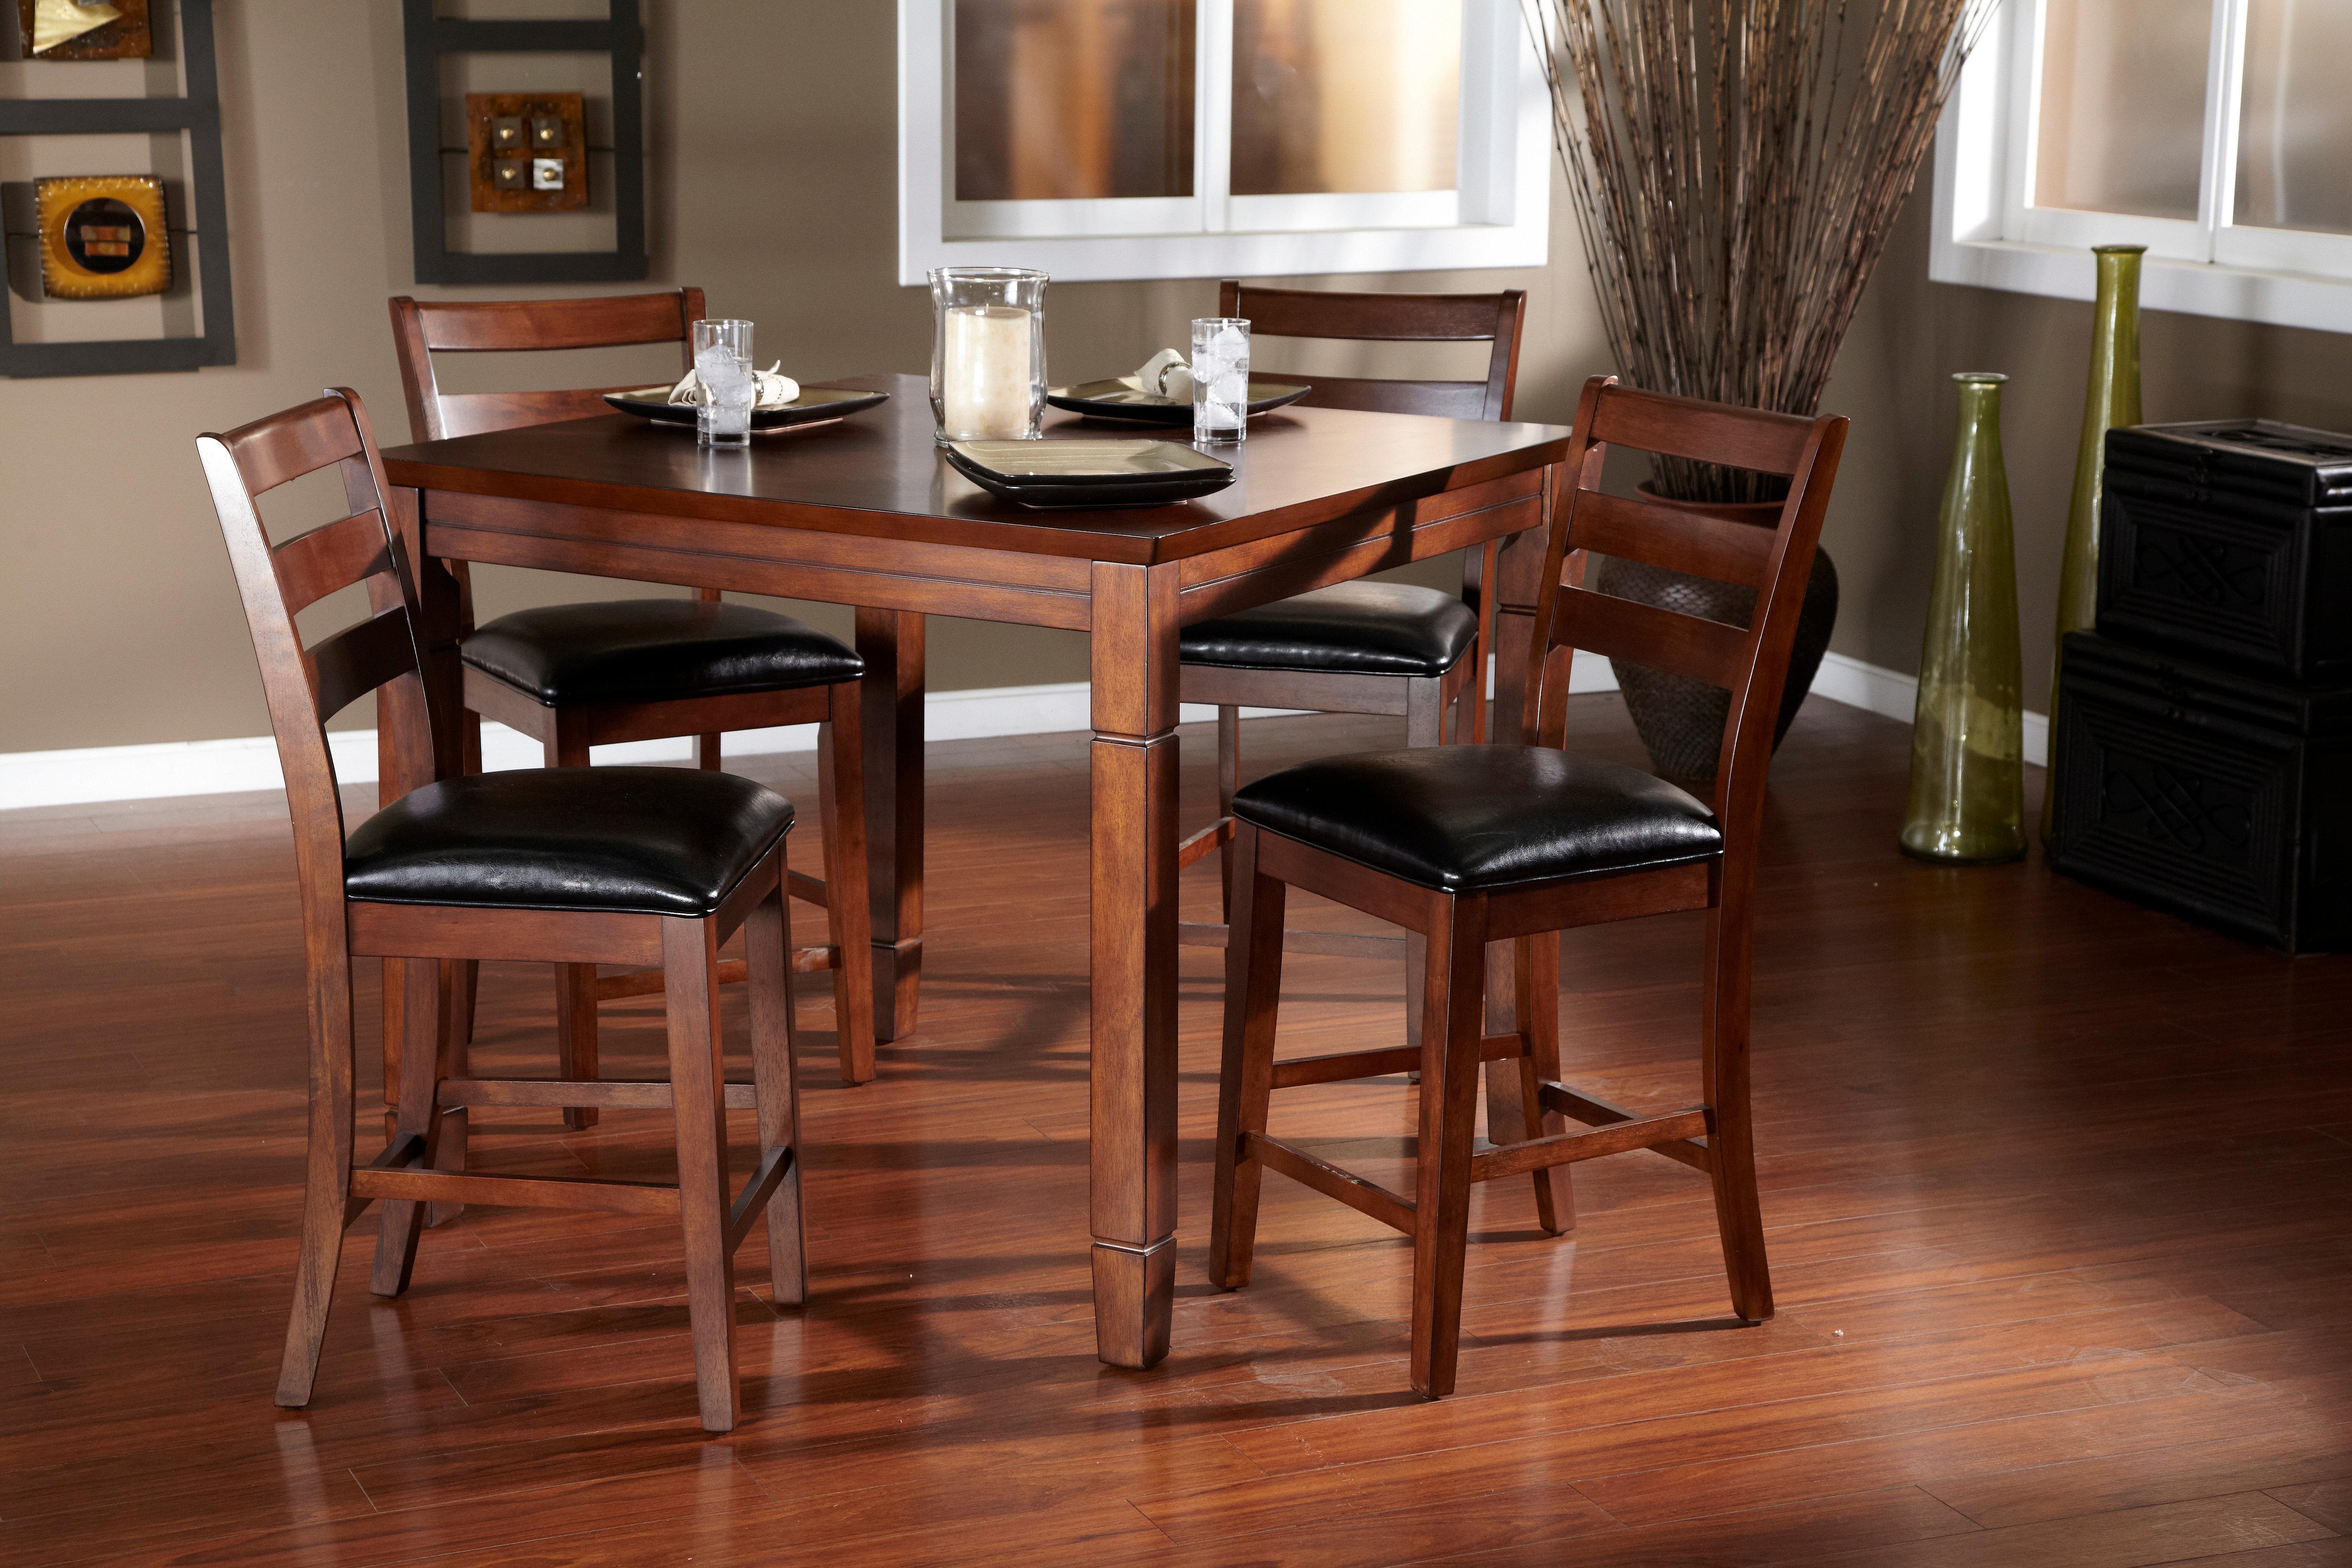 American heritage caesar 2-1 game table occidental grand allegro aruba resort /u0026 casino all inclusive